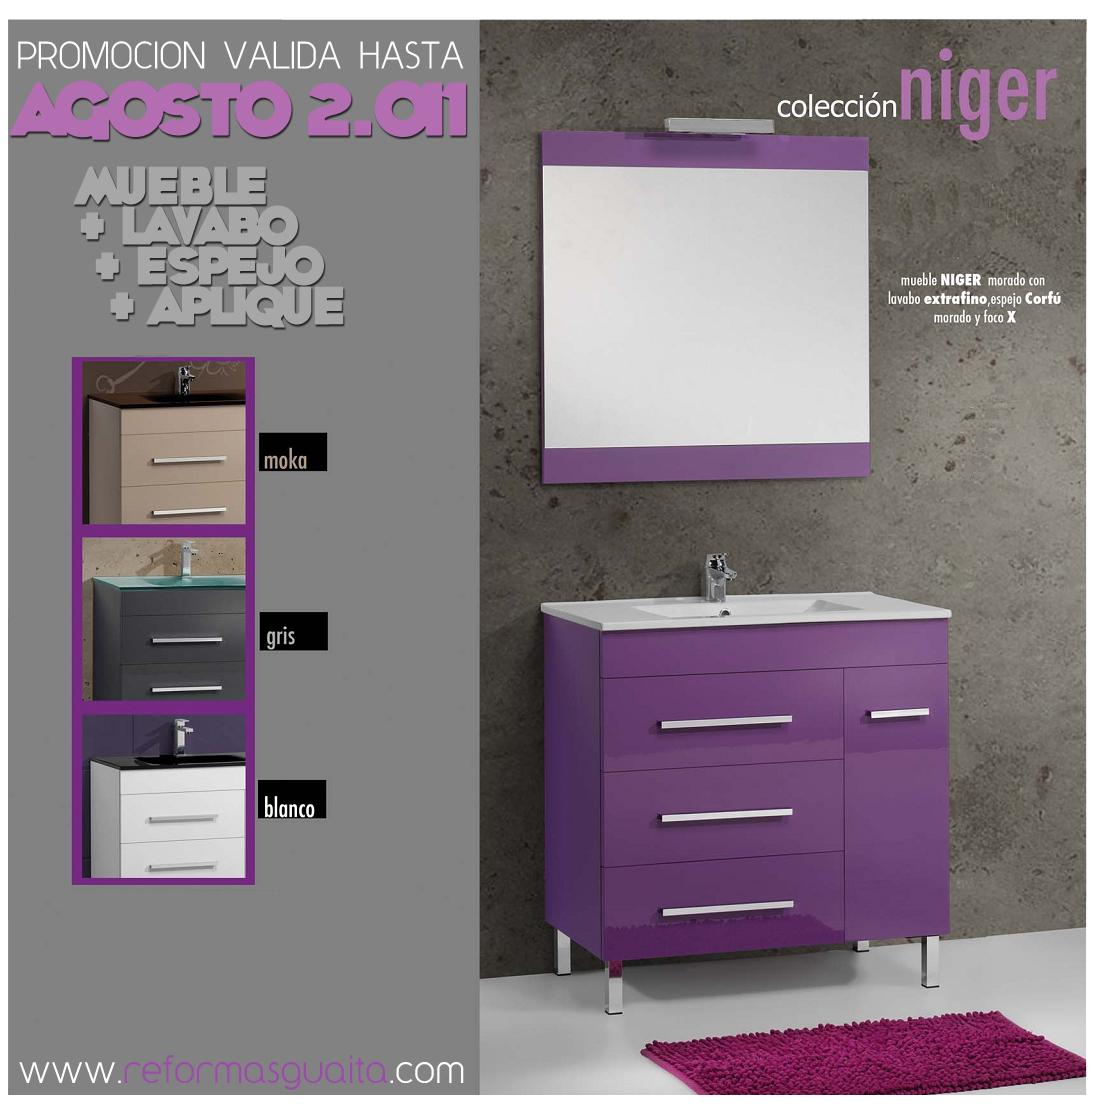 Colecci n niger de muebles de ba o reformas guaita - Armario de bano con espejo y luz ...